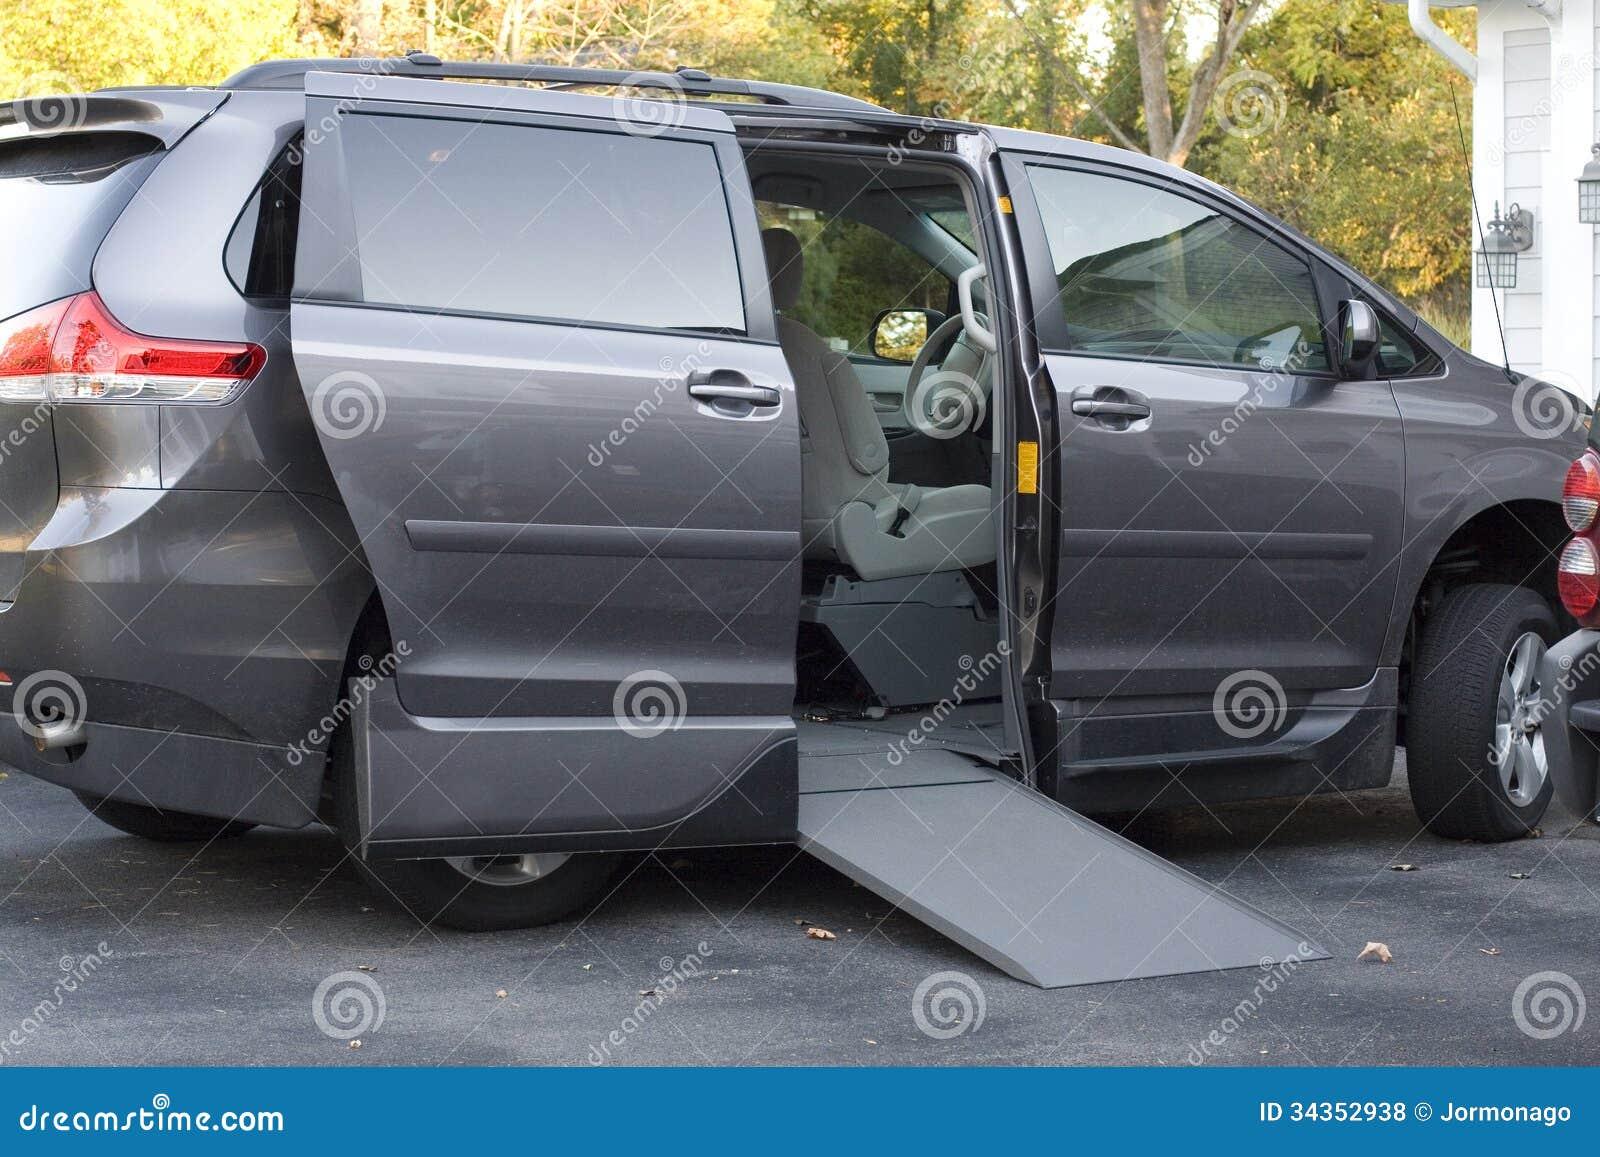 Handicap Van with Ramp